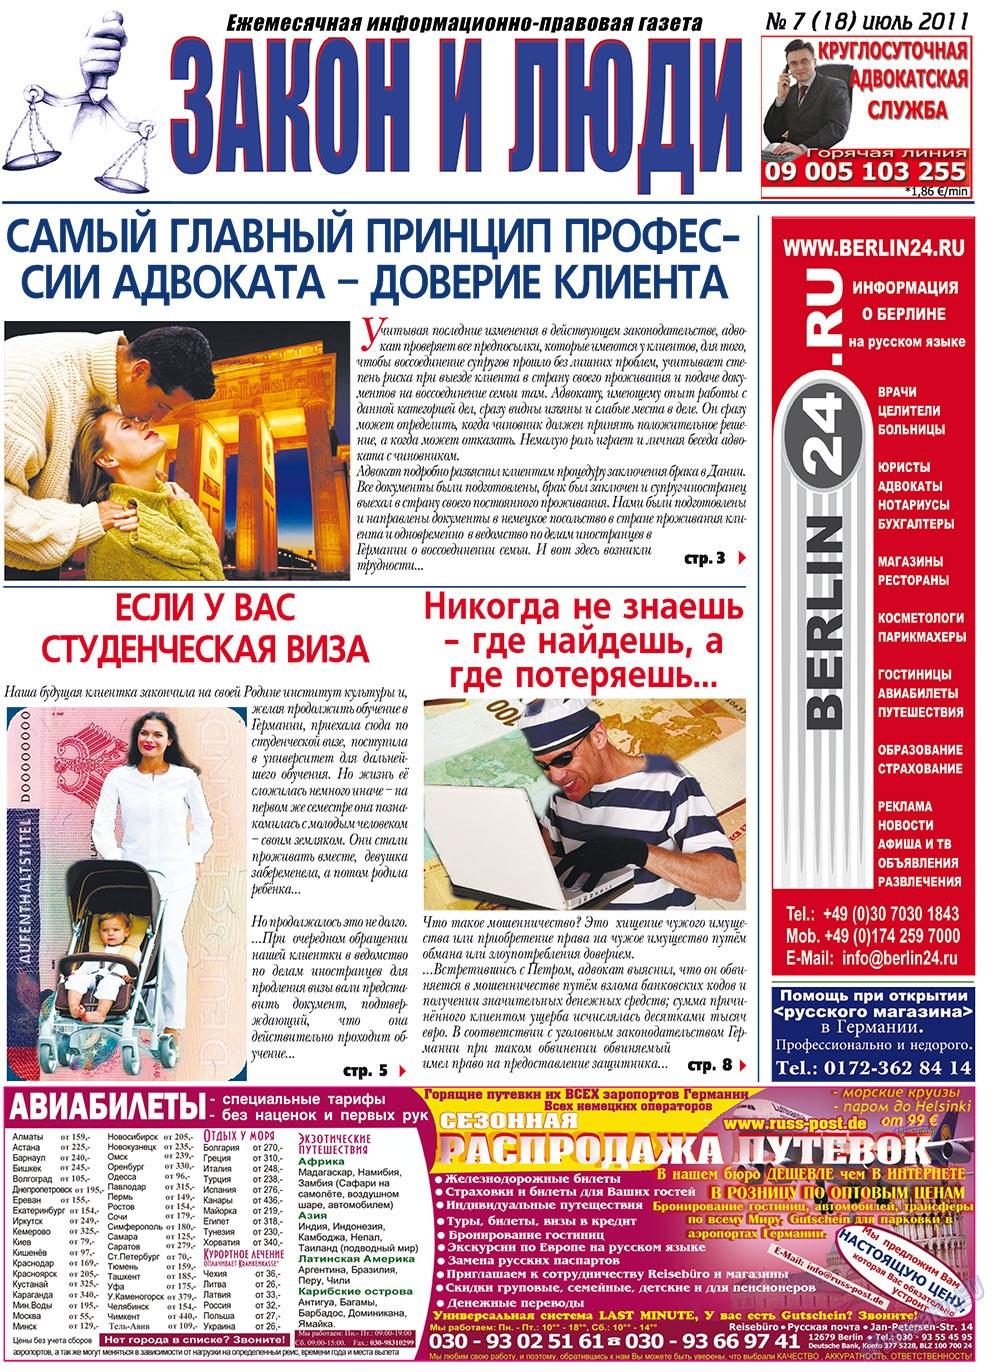 Закон и люди (газета). 2011 год, номер 7, стр. 1